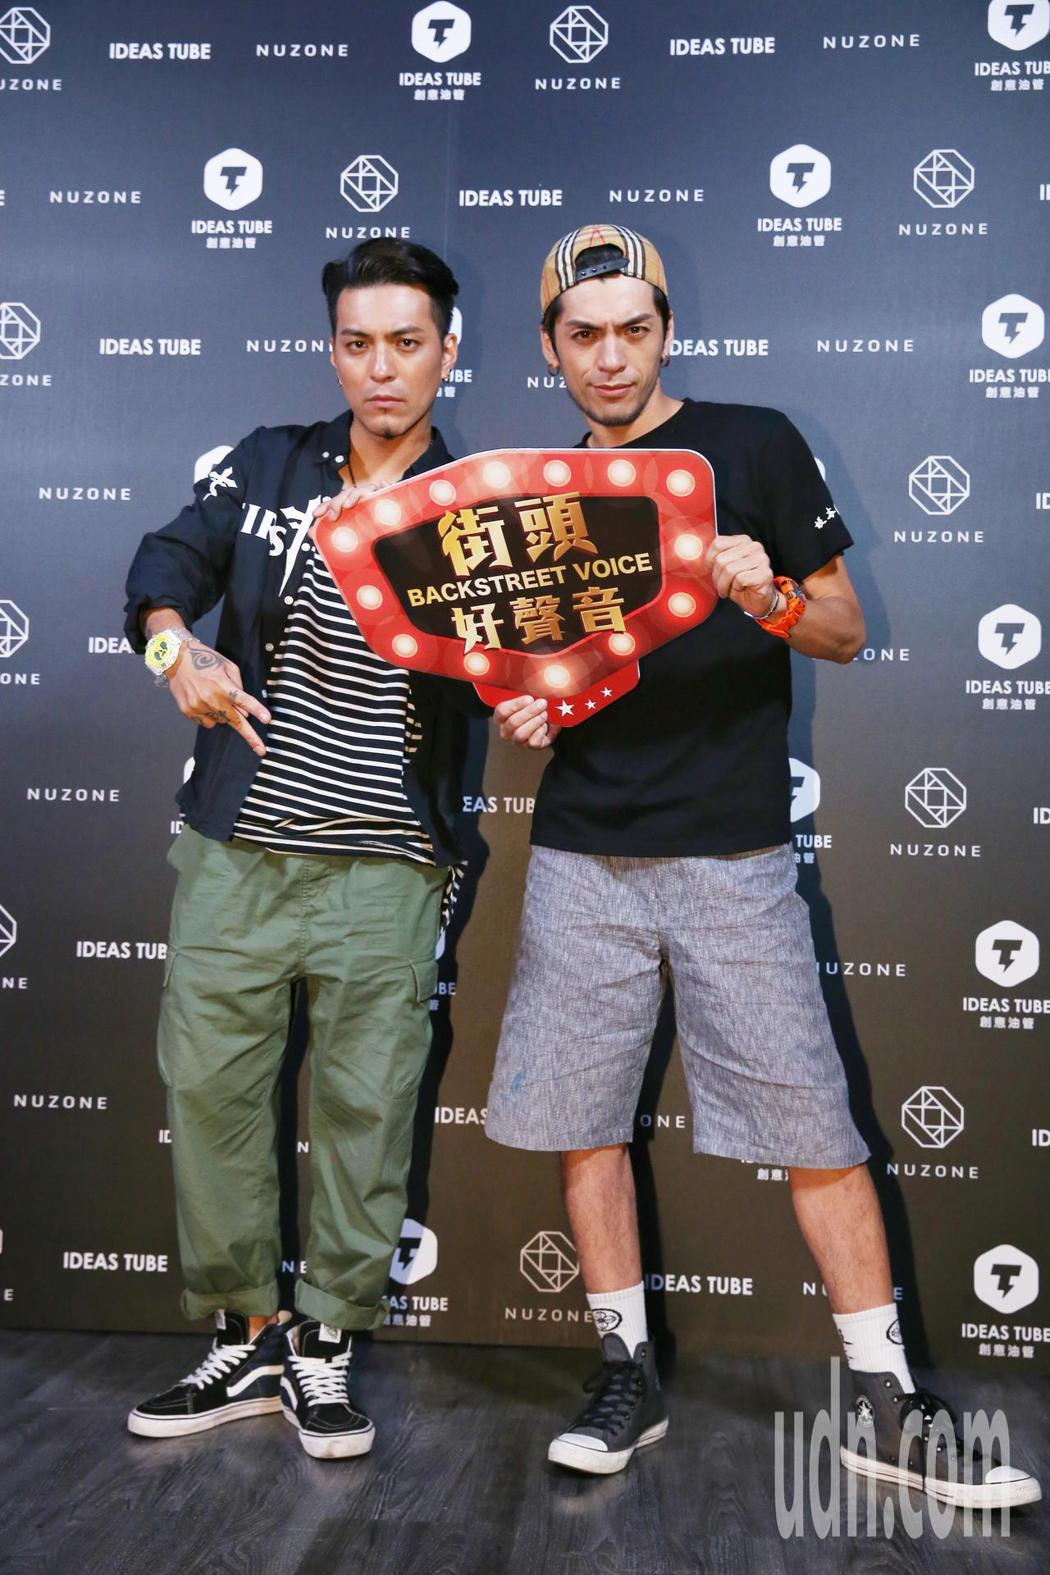 創意油管推出網路節目,街頭好聲音的主持人嘎嘎(左)與DJ宗華。記者曾原信/攝影